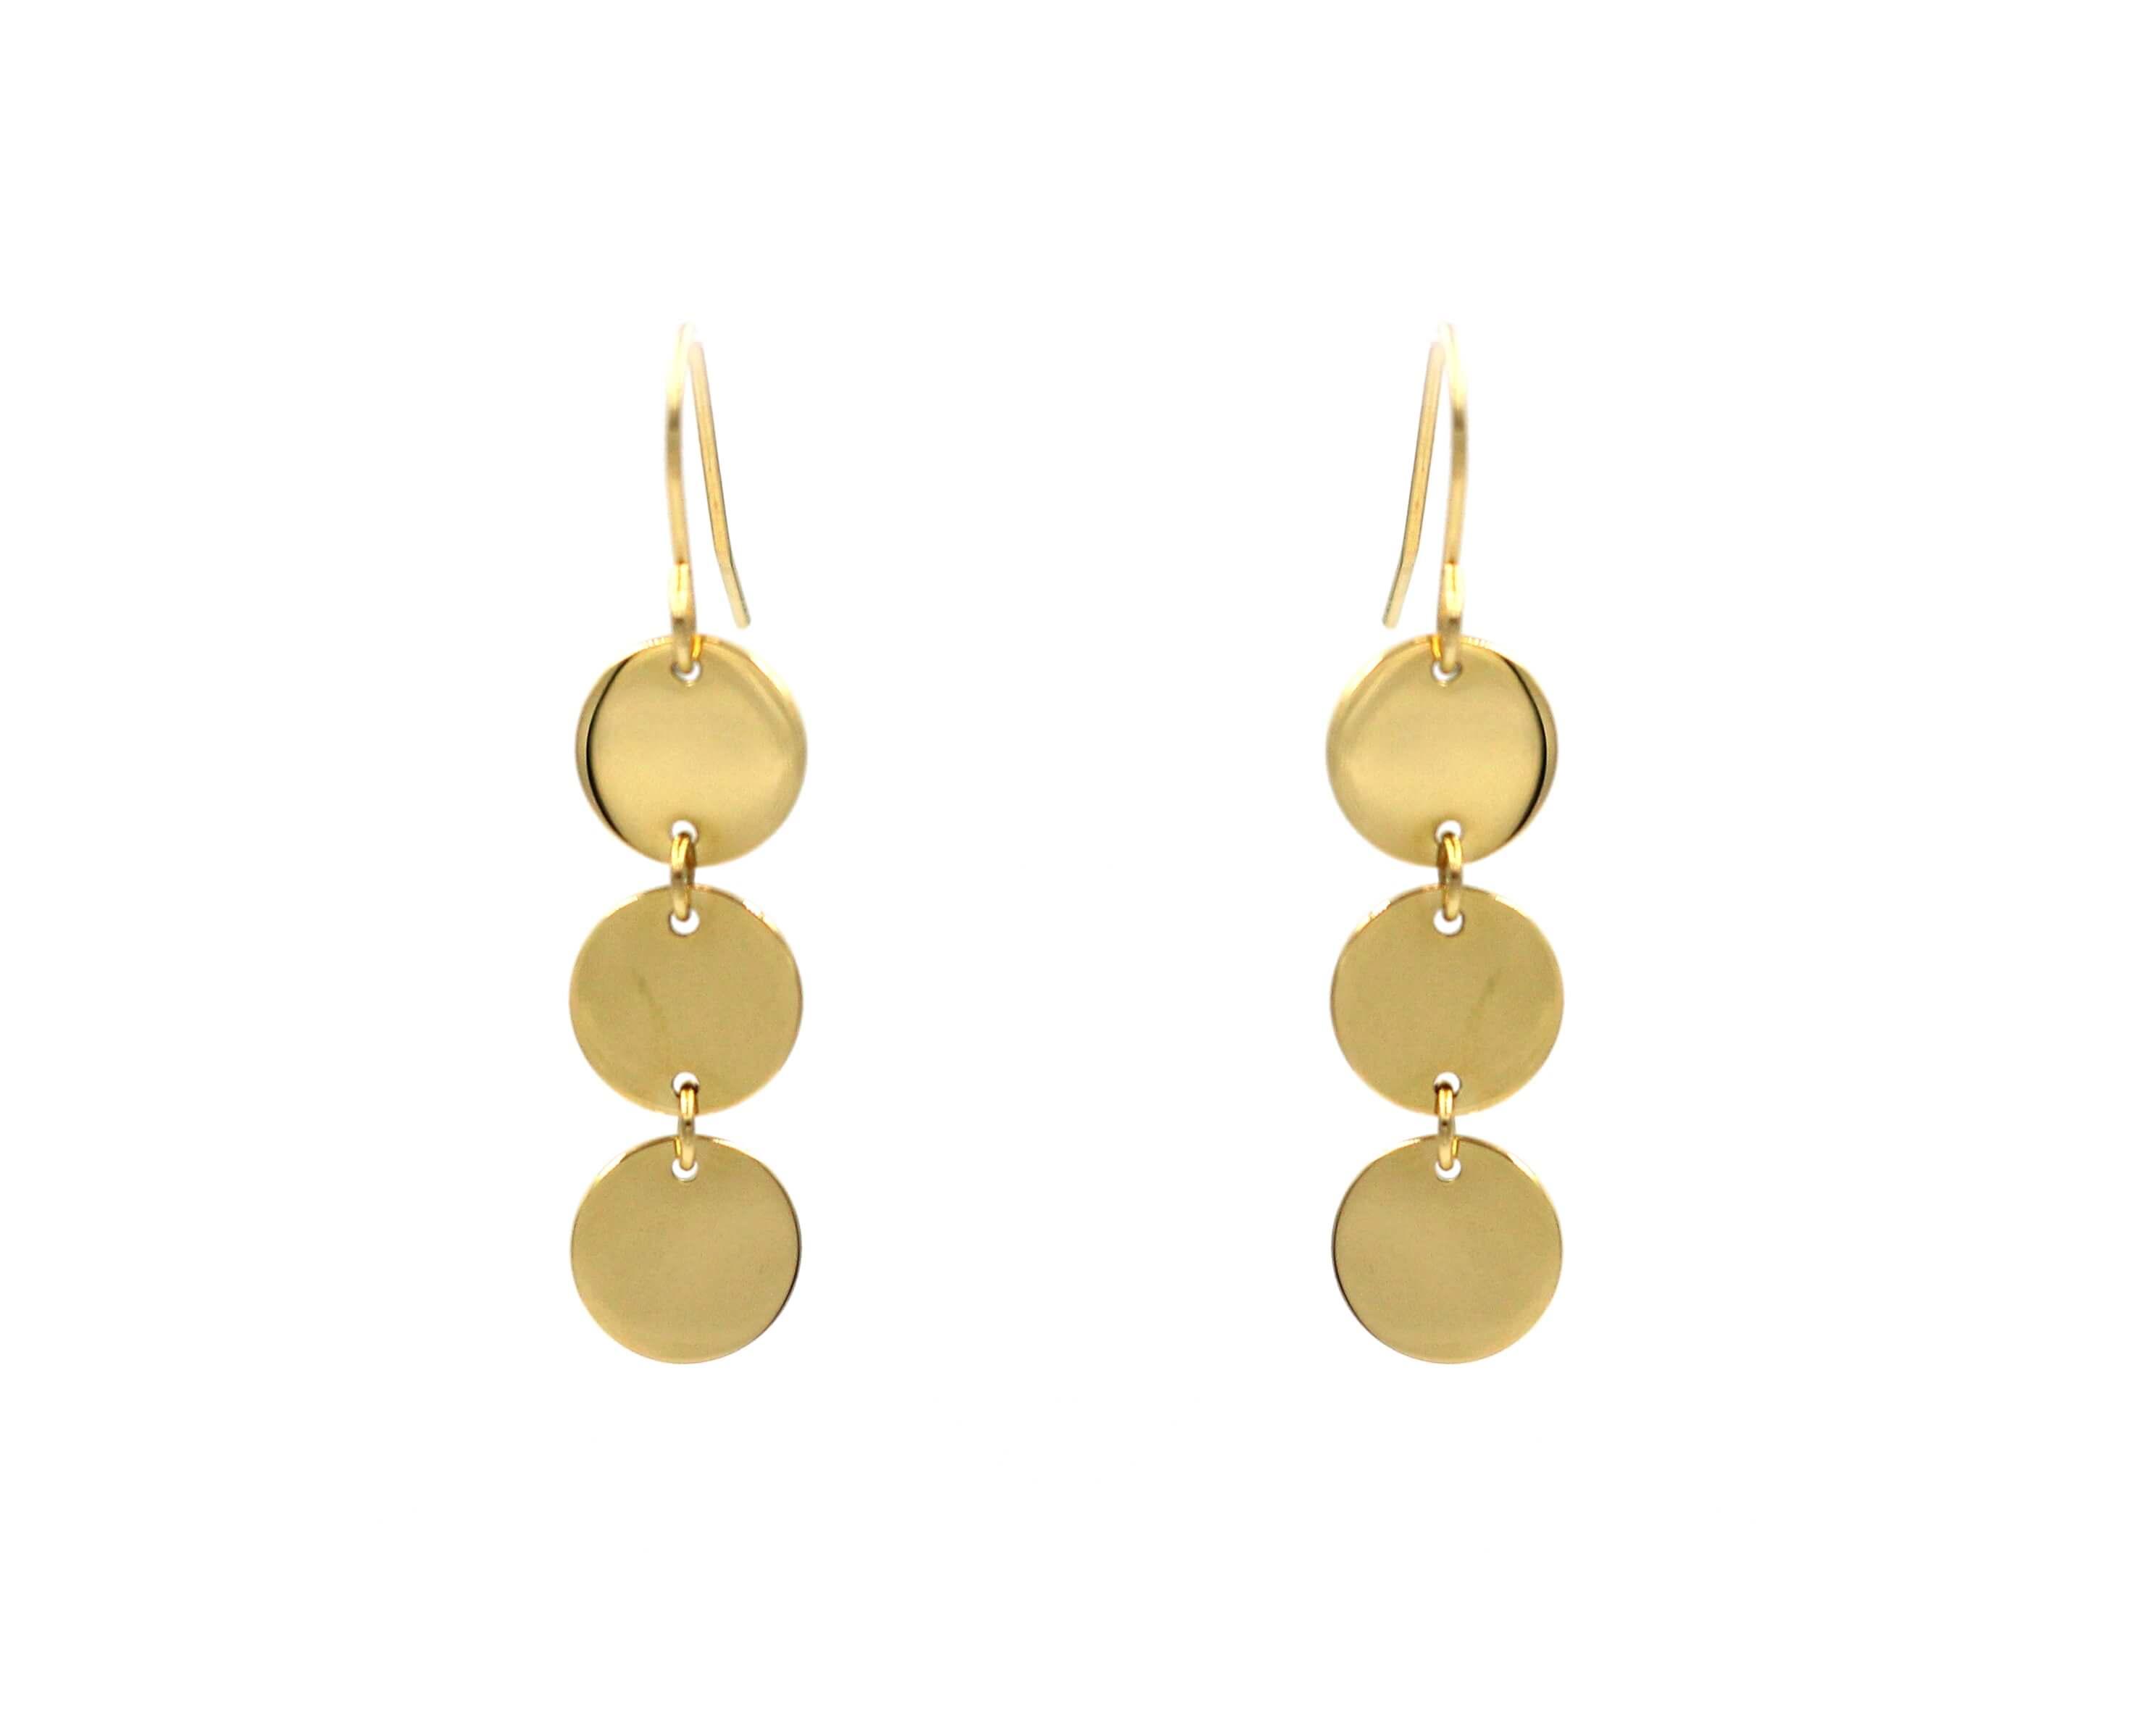 Boucles d'oreilles 3 pastilles en acier jaune - Zag Bijoux